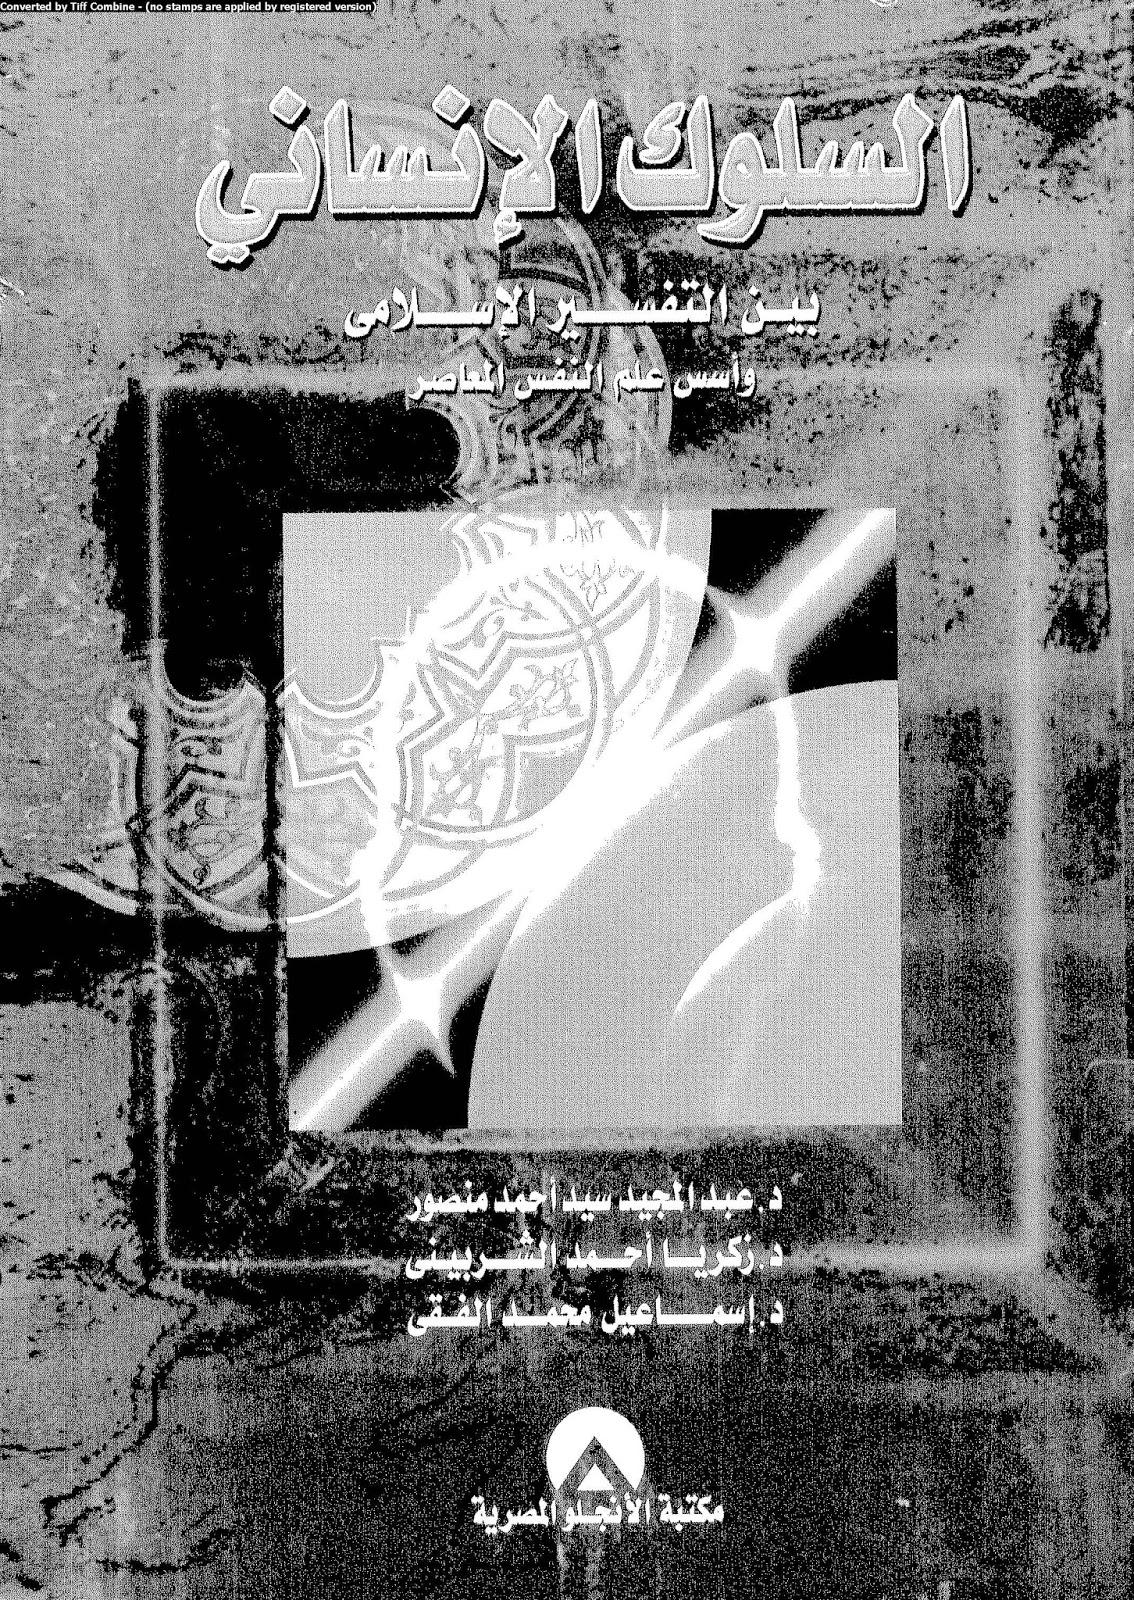 السلوك الإنساني بين التفسير الإسلامي وعلم النفس المعاصر لـ مجموعة من الكتاب